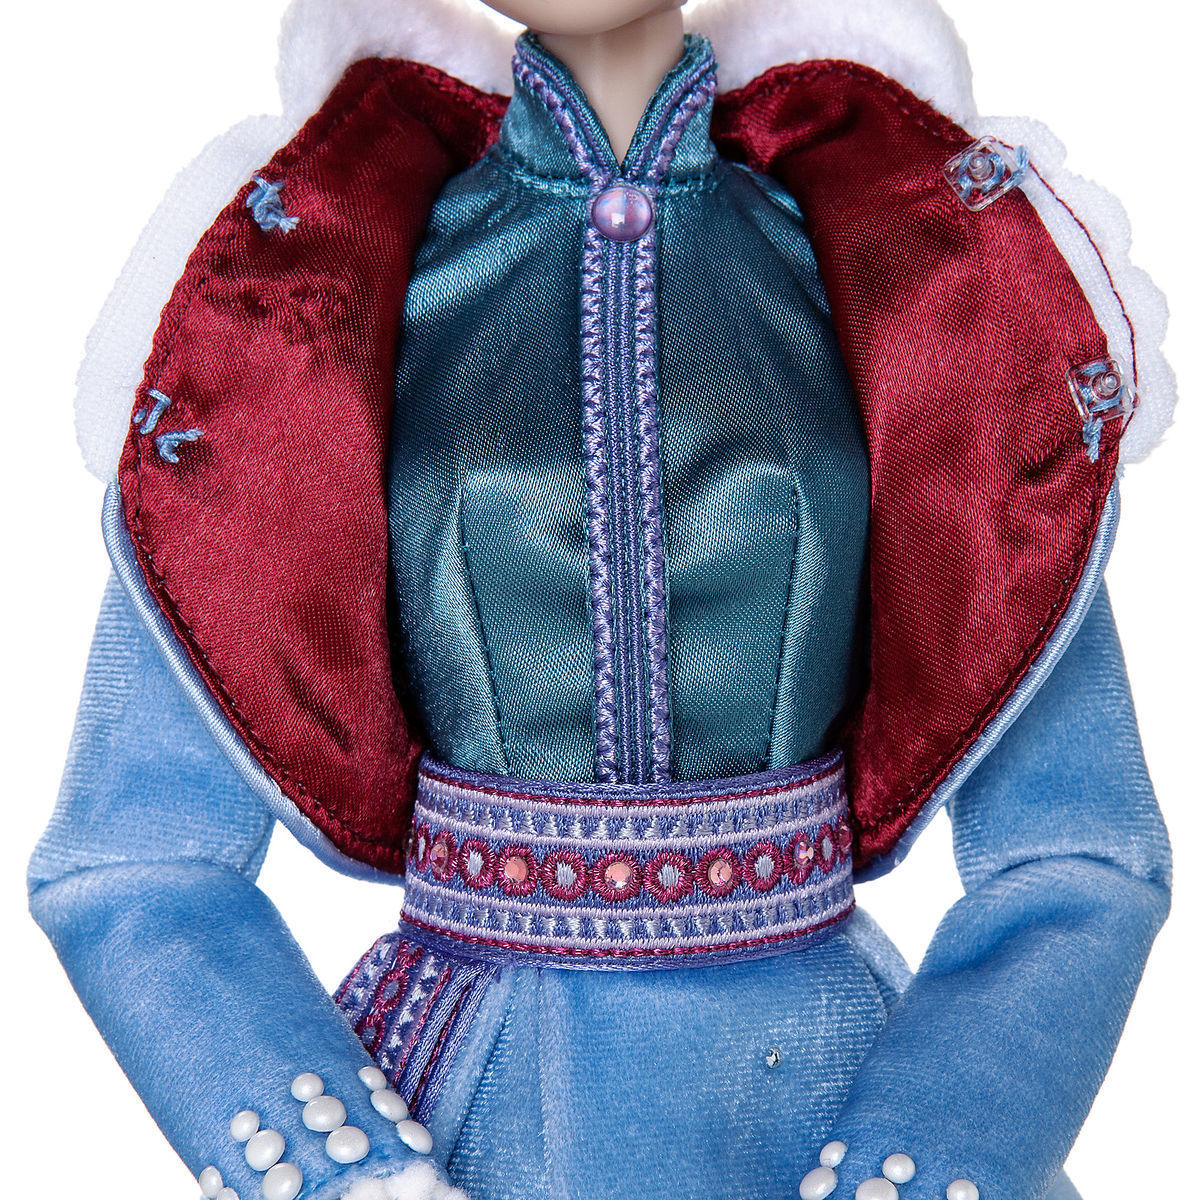 Коллекционная кукла Анна «Холодное сердце» - Disney Exclusive